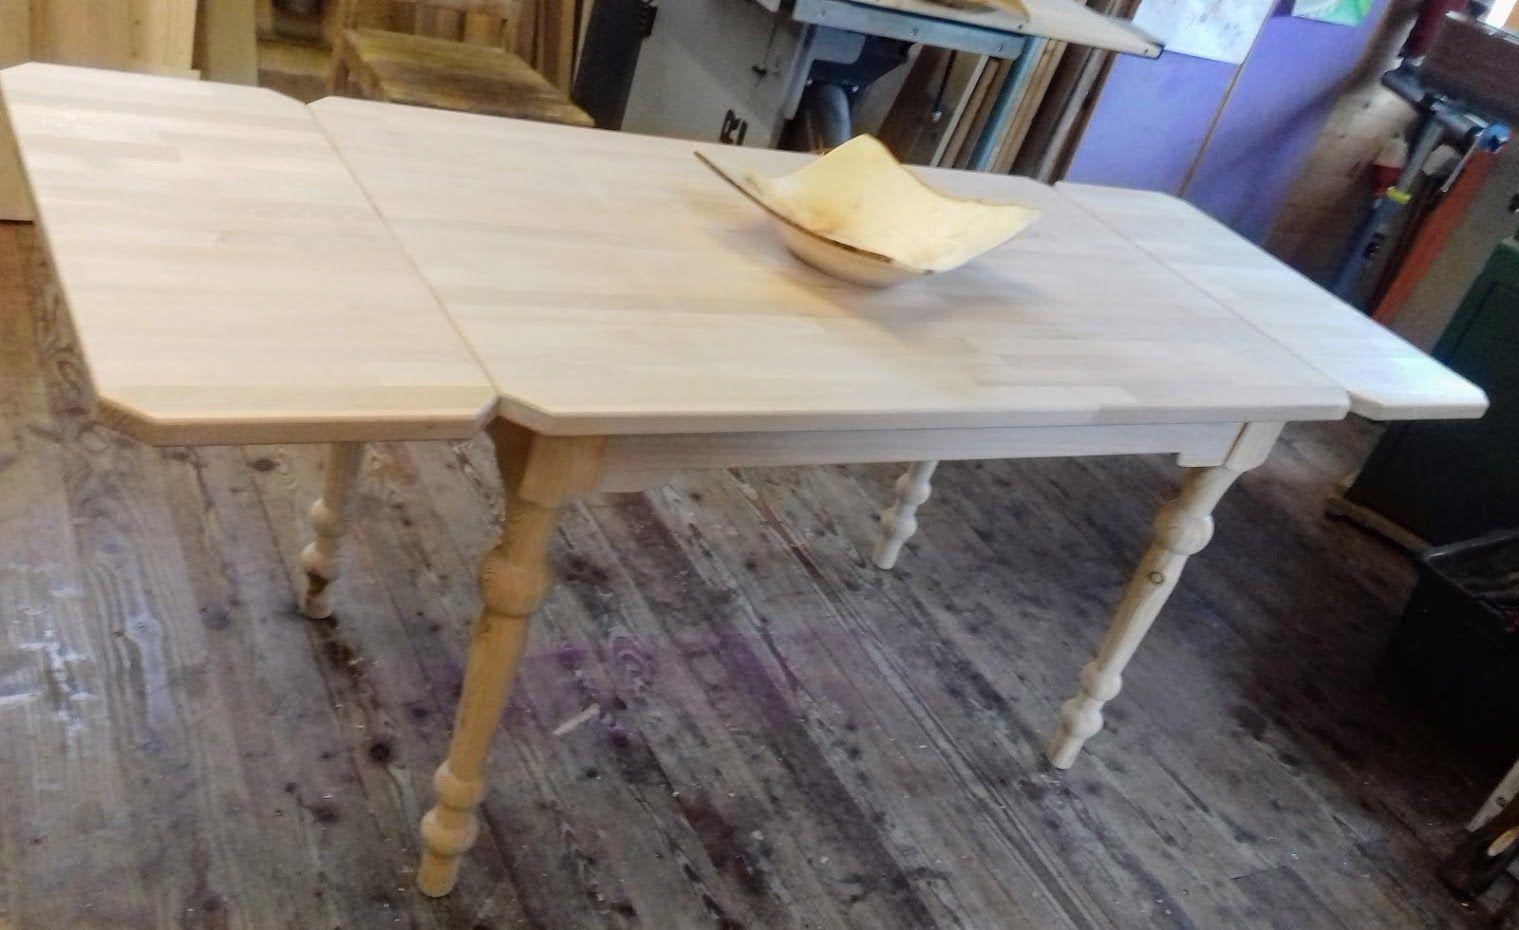 Tisch mit Ansteckbretter